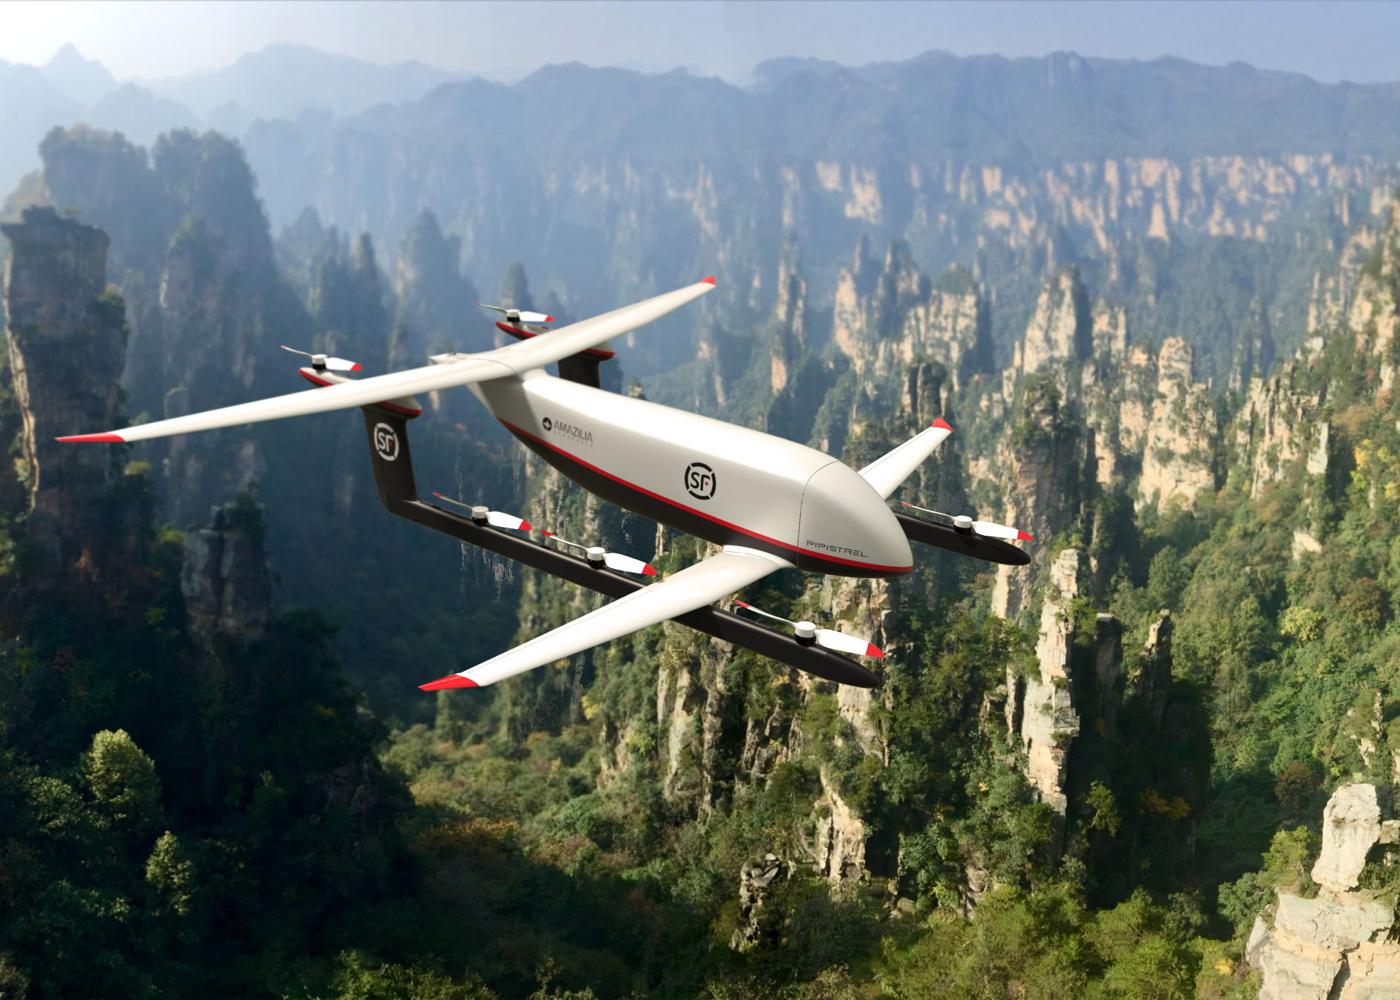 Pipistrel SF Express VTOL cargo drone